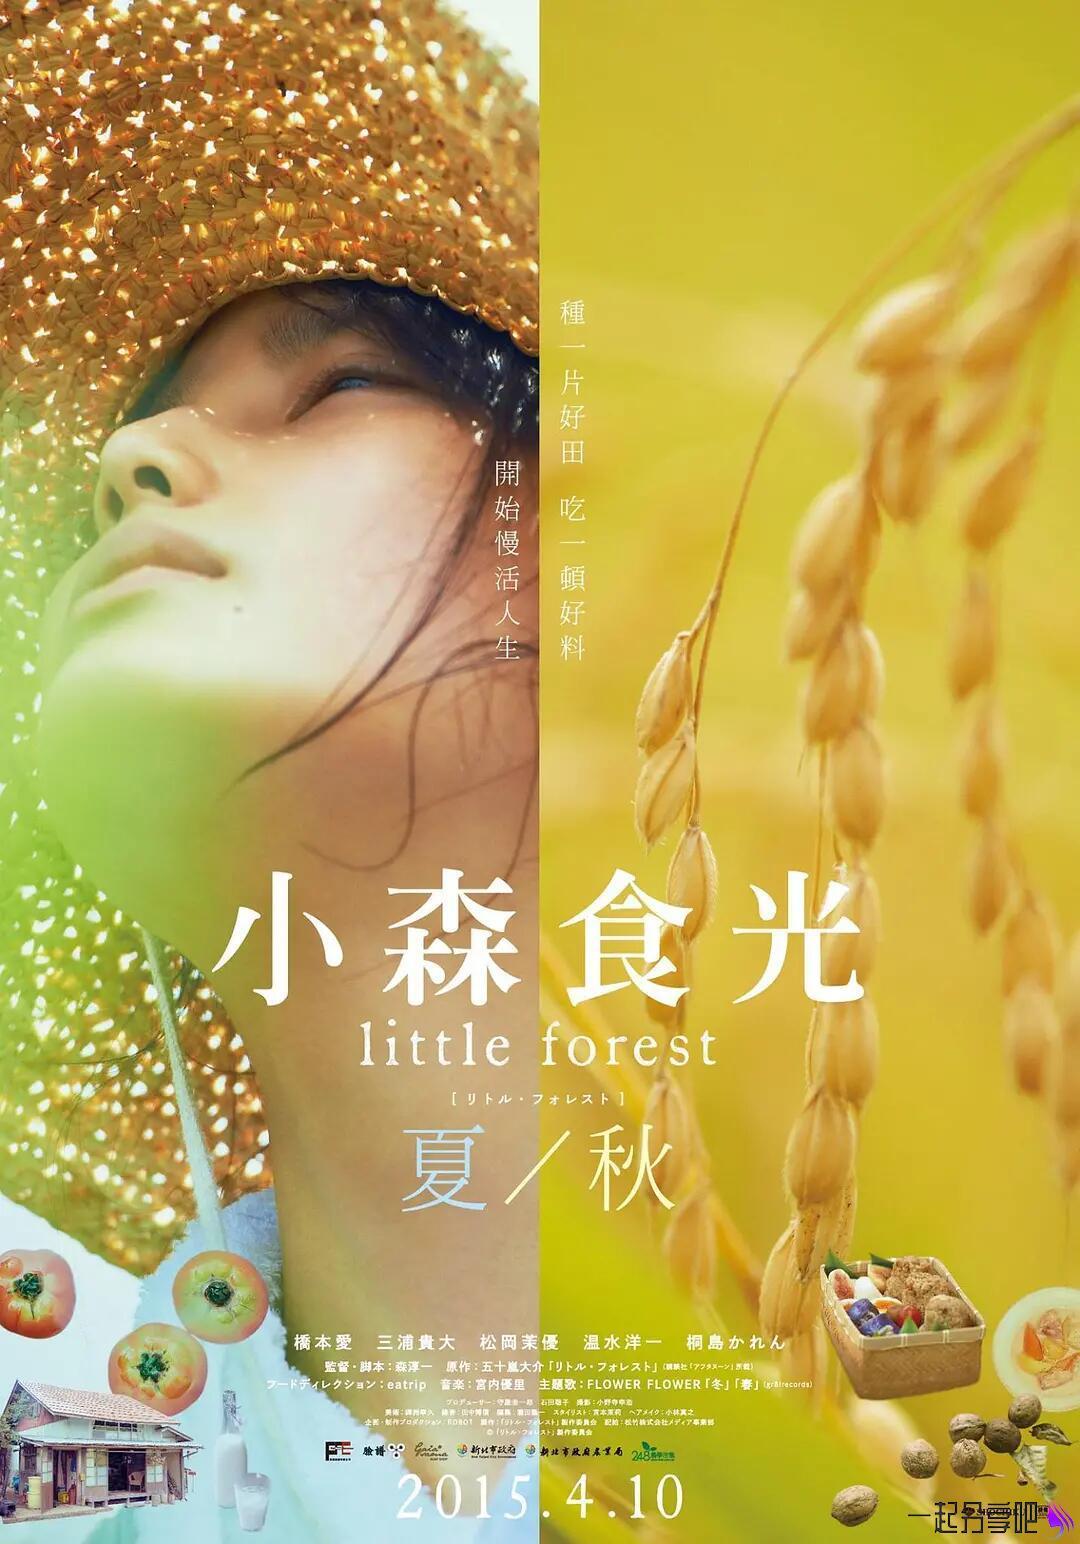 2014年剧情电影《小森林●夏秋篇》BD日语中字版 第1张